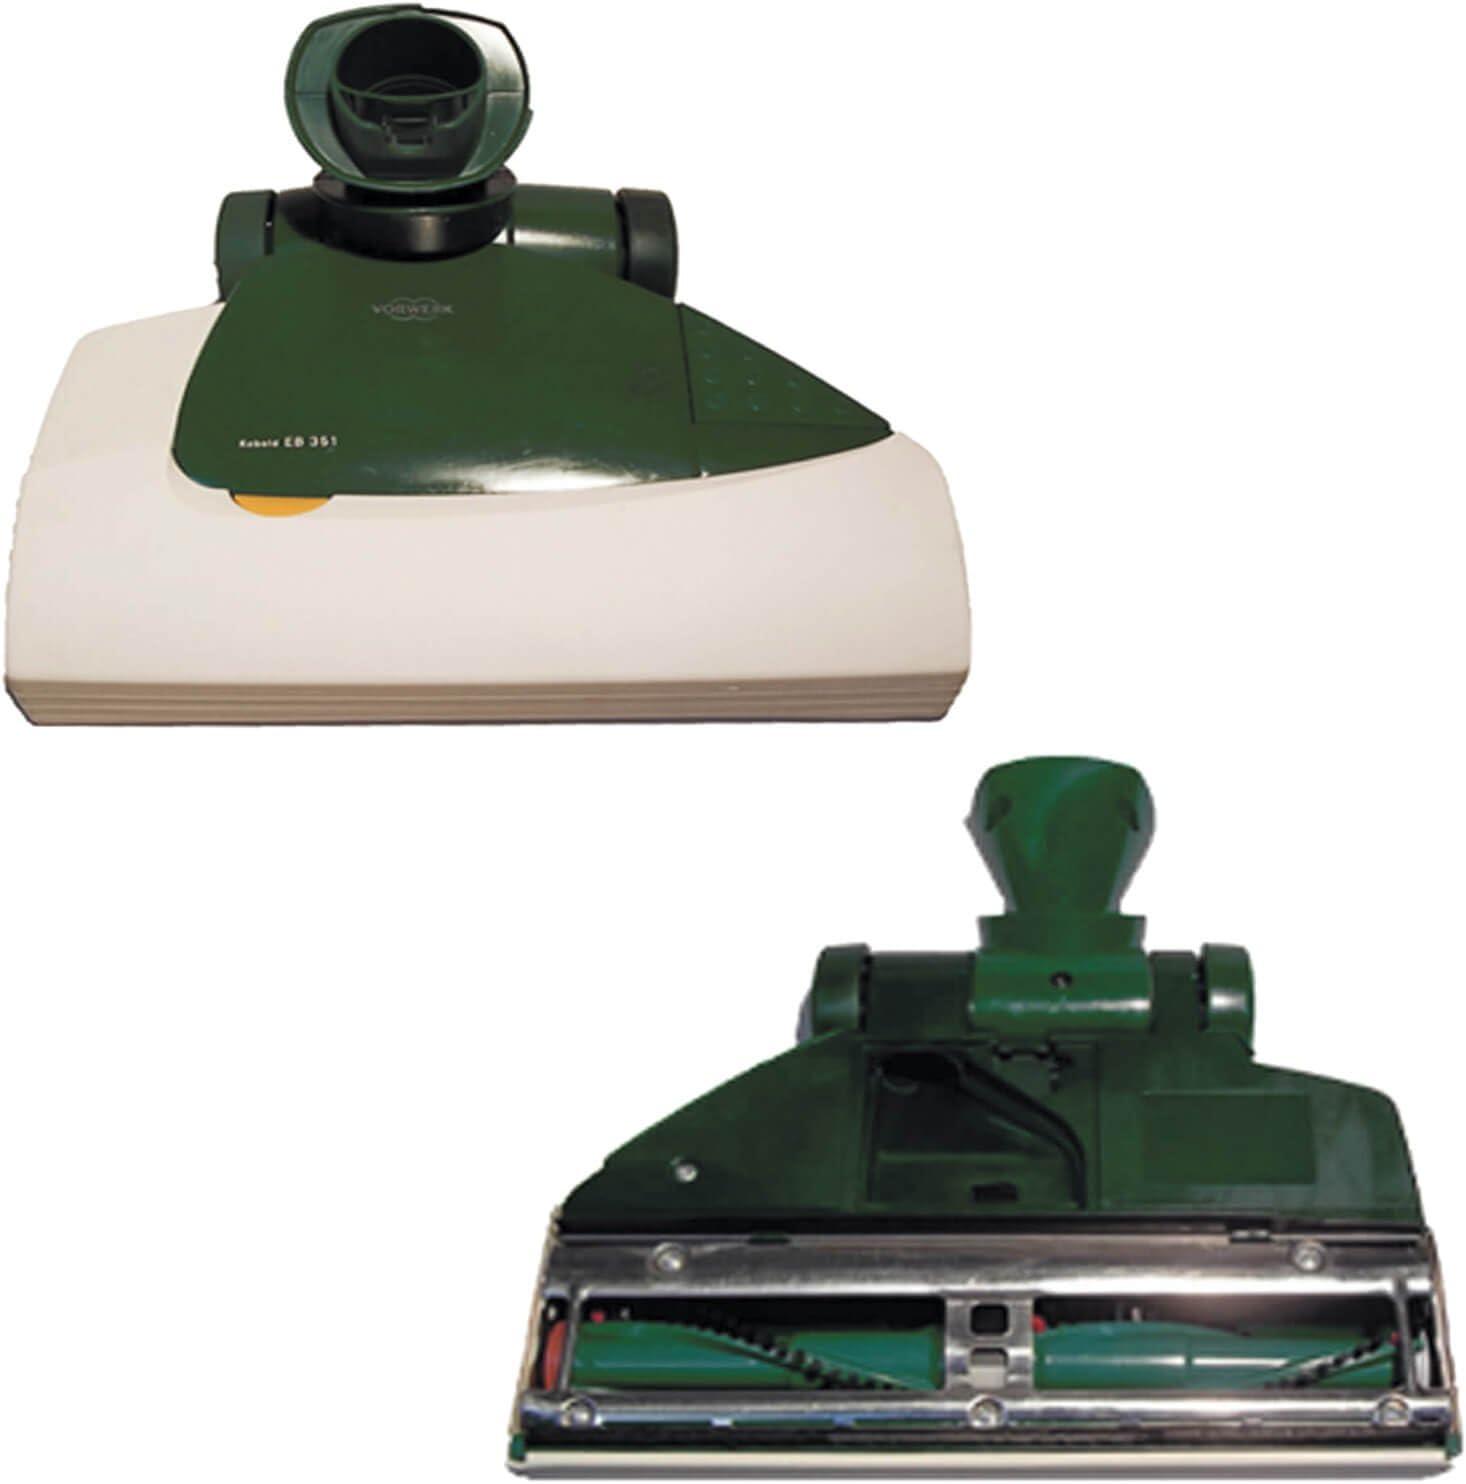 Vorwerk EB 351 Elektrische Klopfb/ürste f/ür Vorwerk Staubsauger mit Oval Anschluss